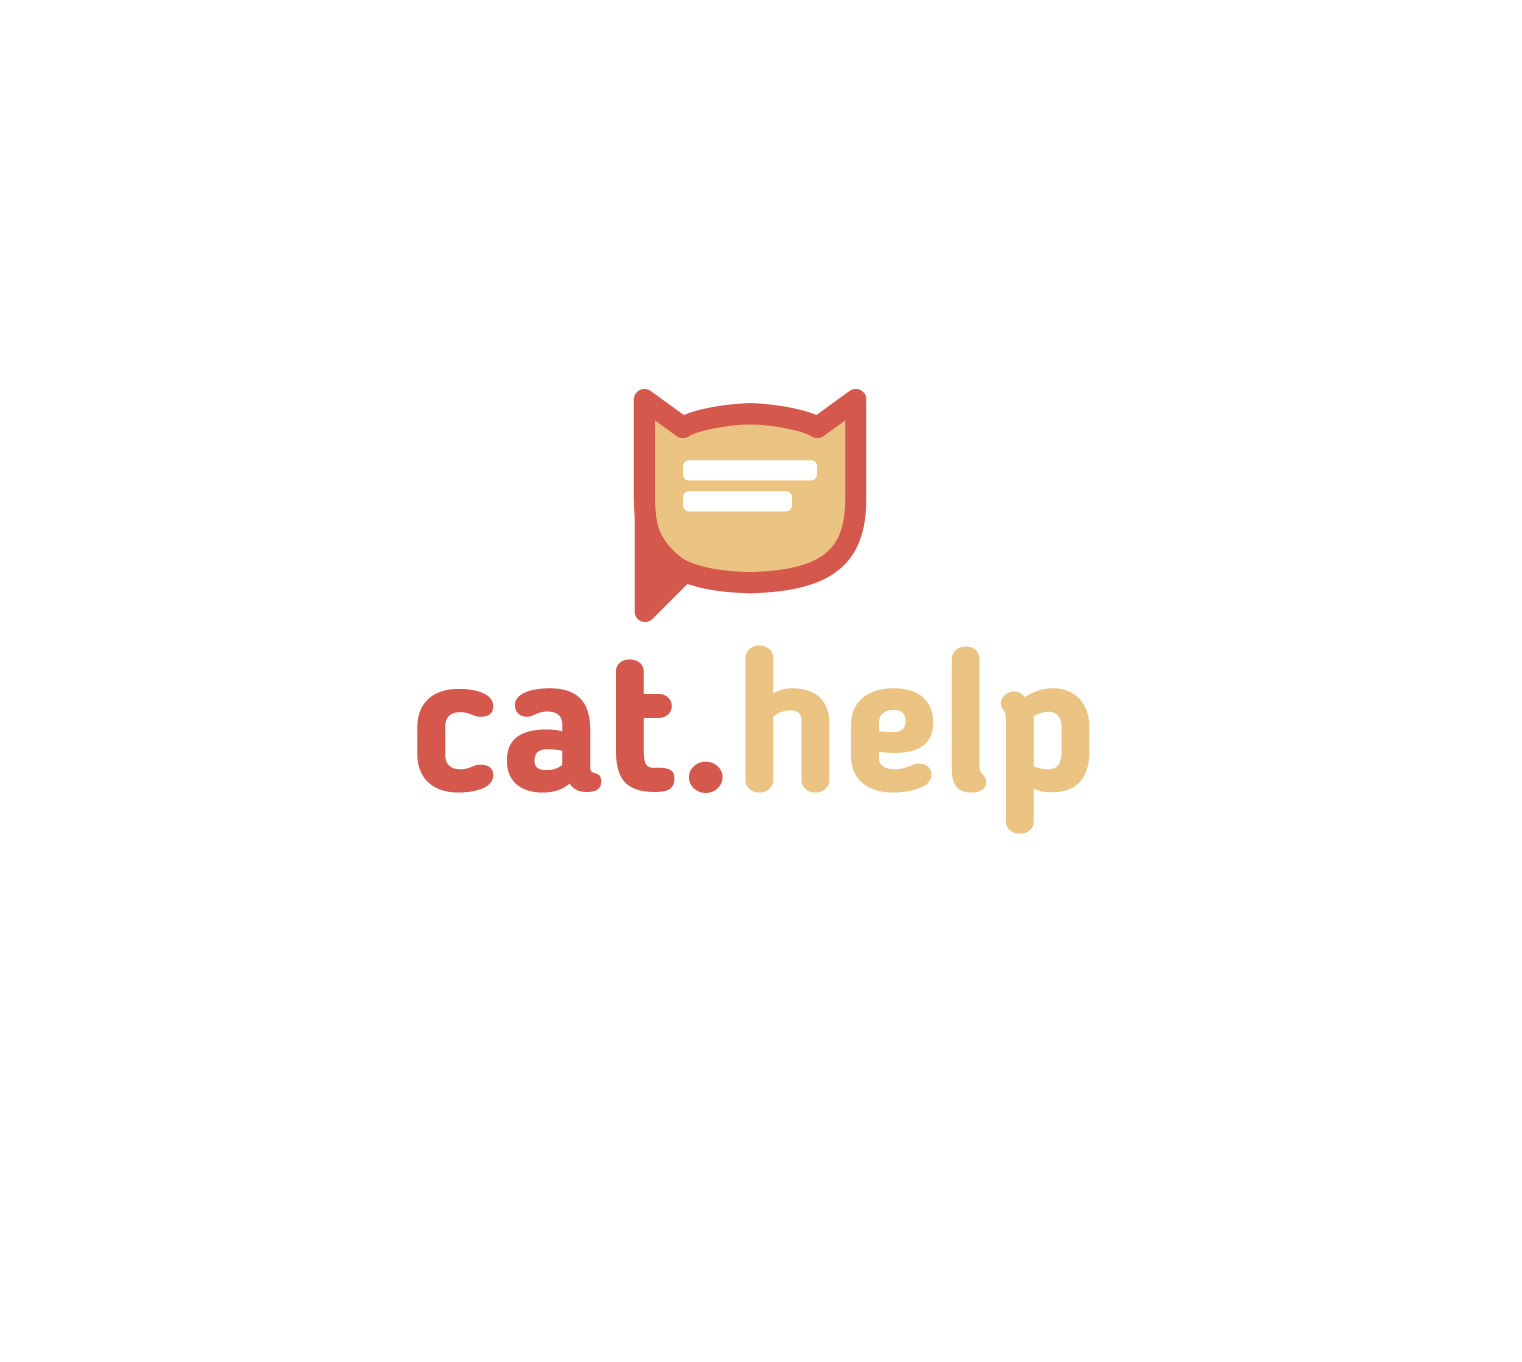 логотип для сайта и группы вк - cat.help фото f_86059dbca36c284c.jpg